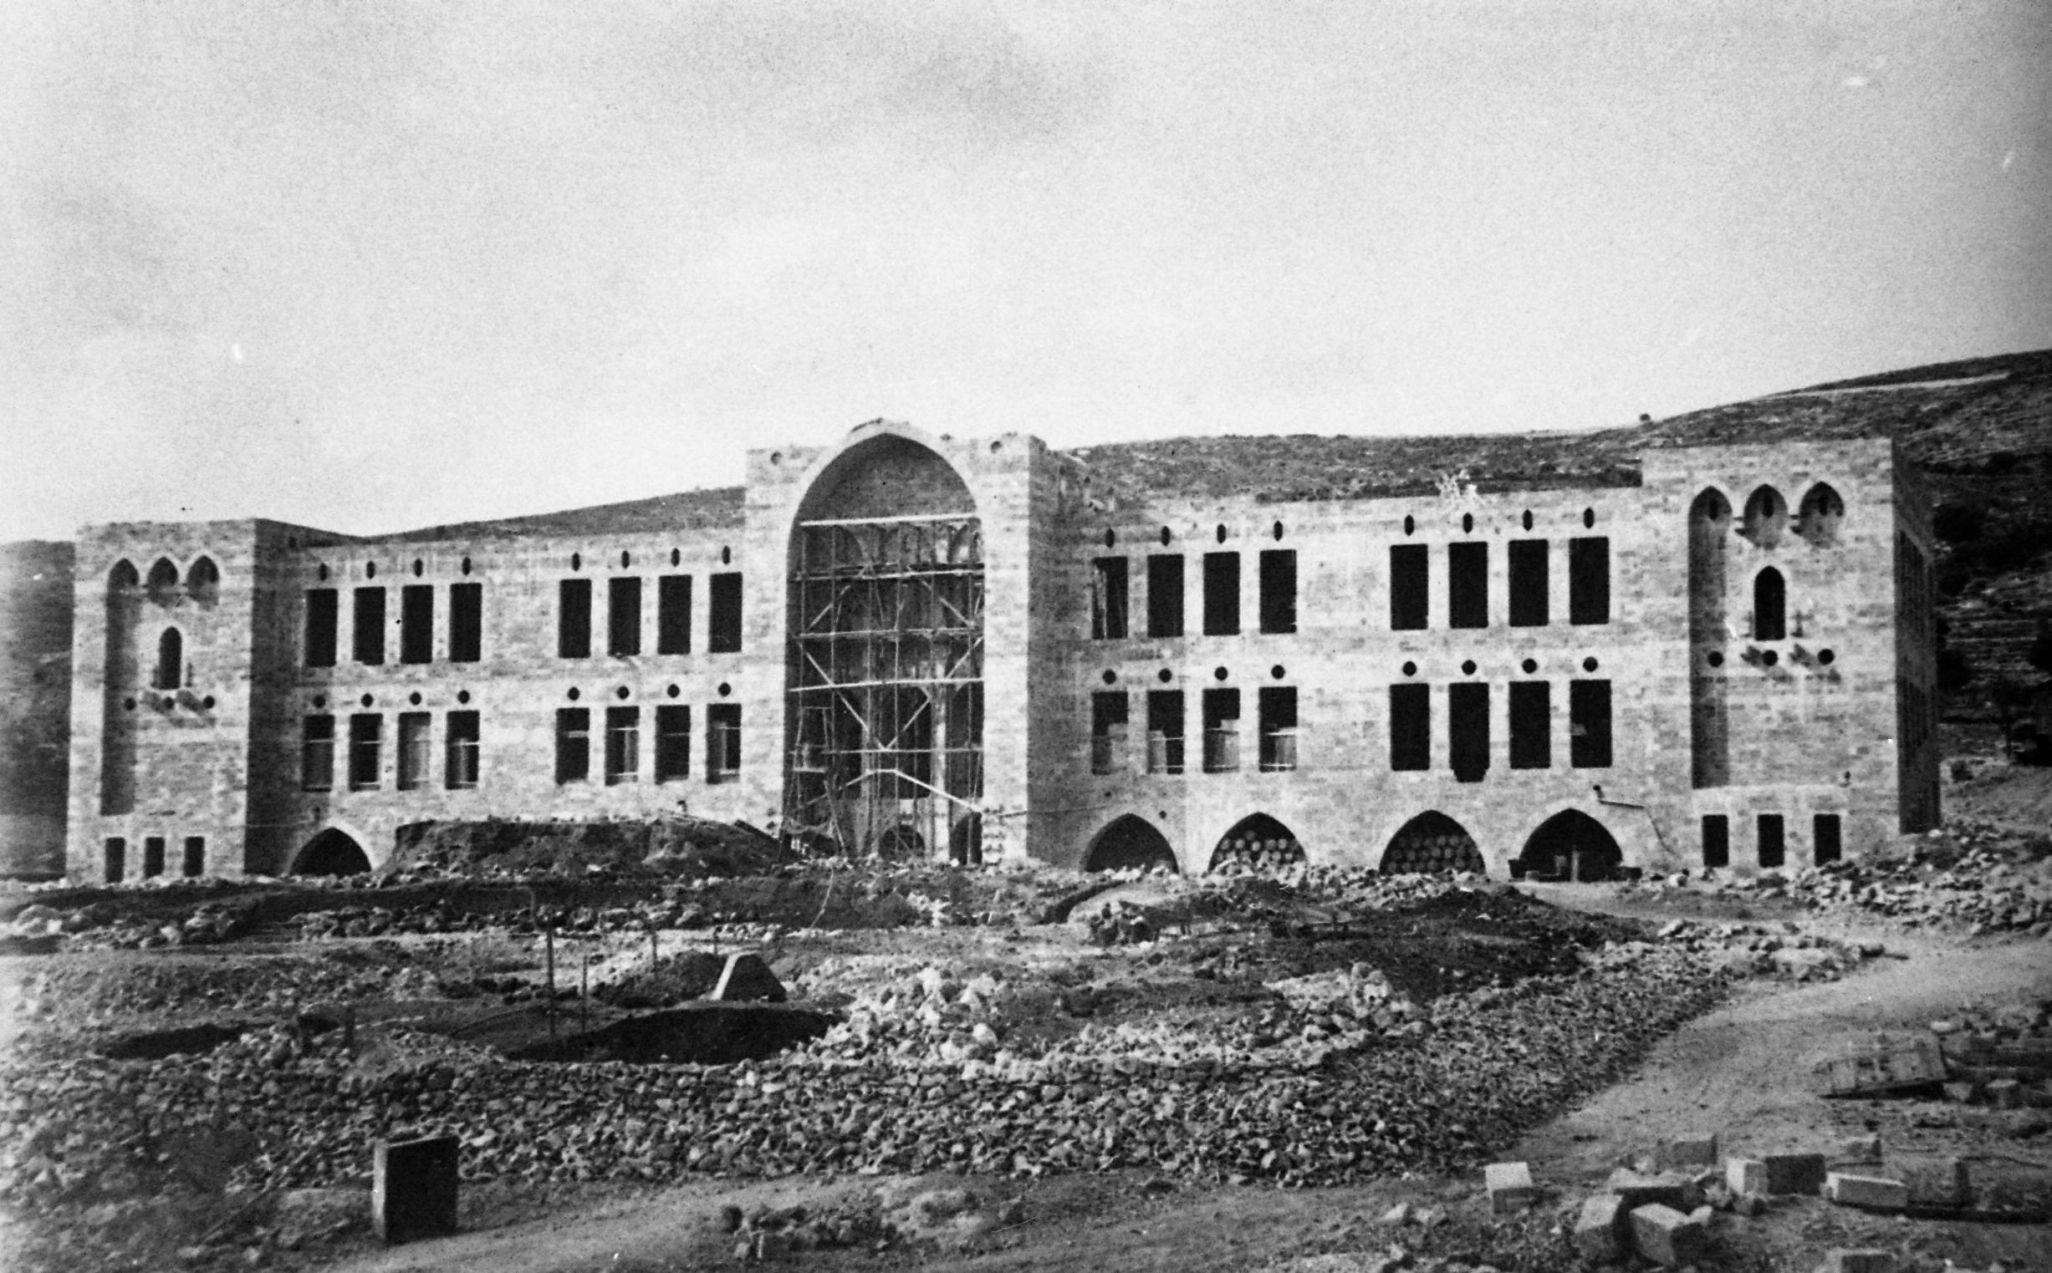 משכנו הראשון של הטכניון בחיפה - הפודקאסט עושים היסטוריה